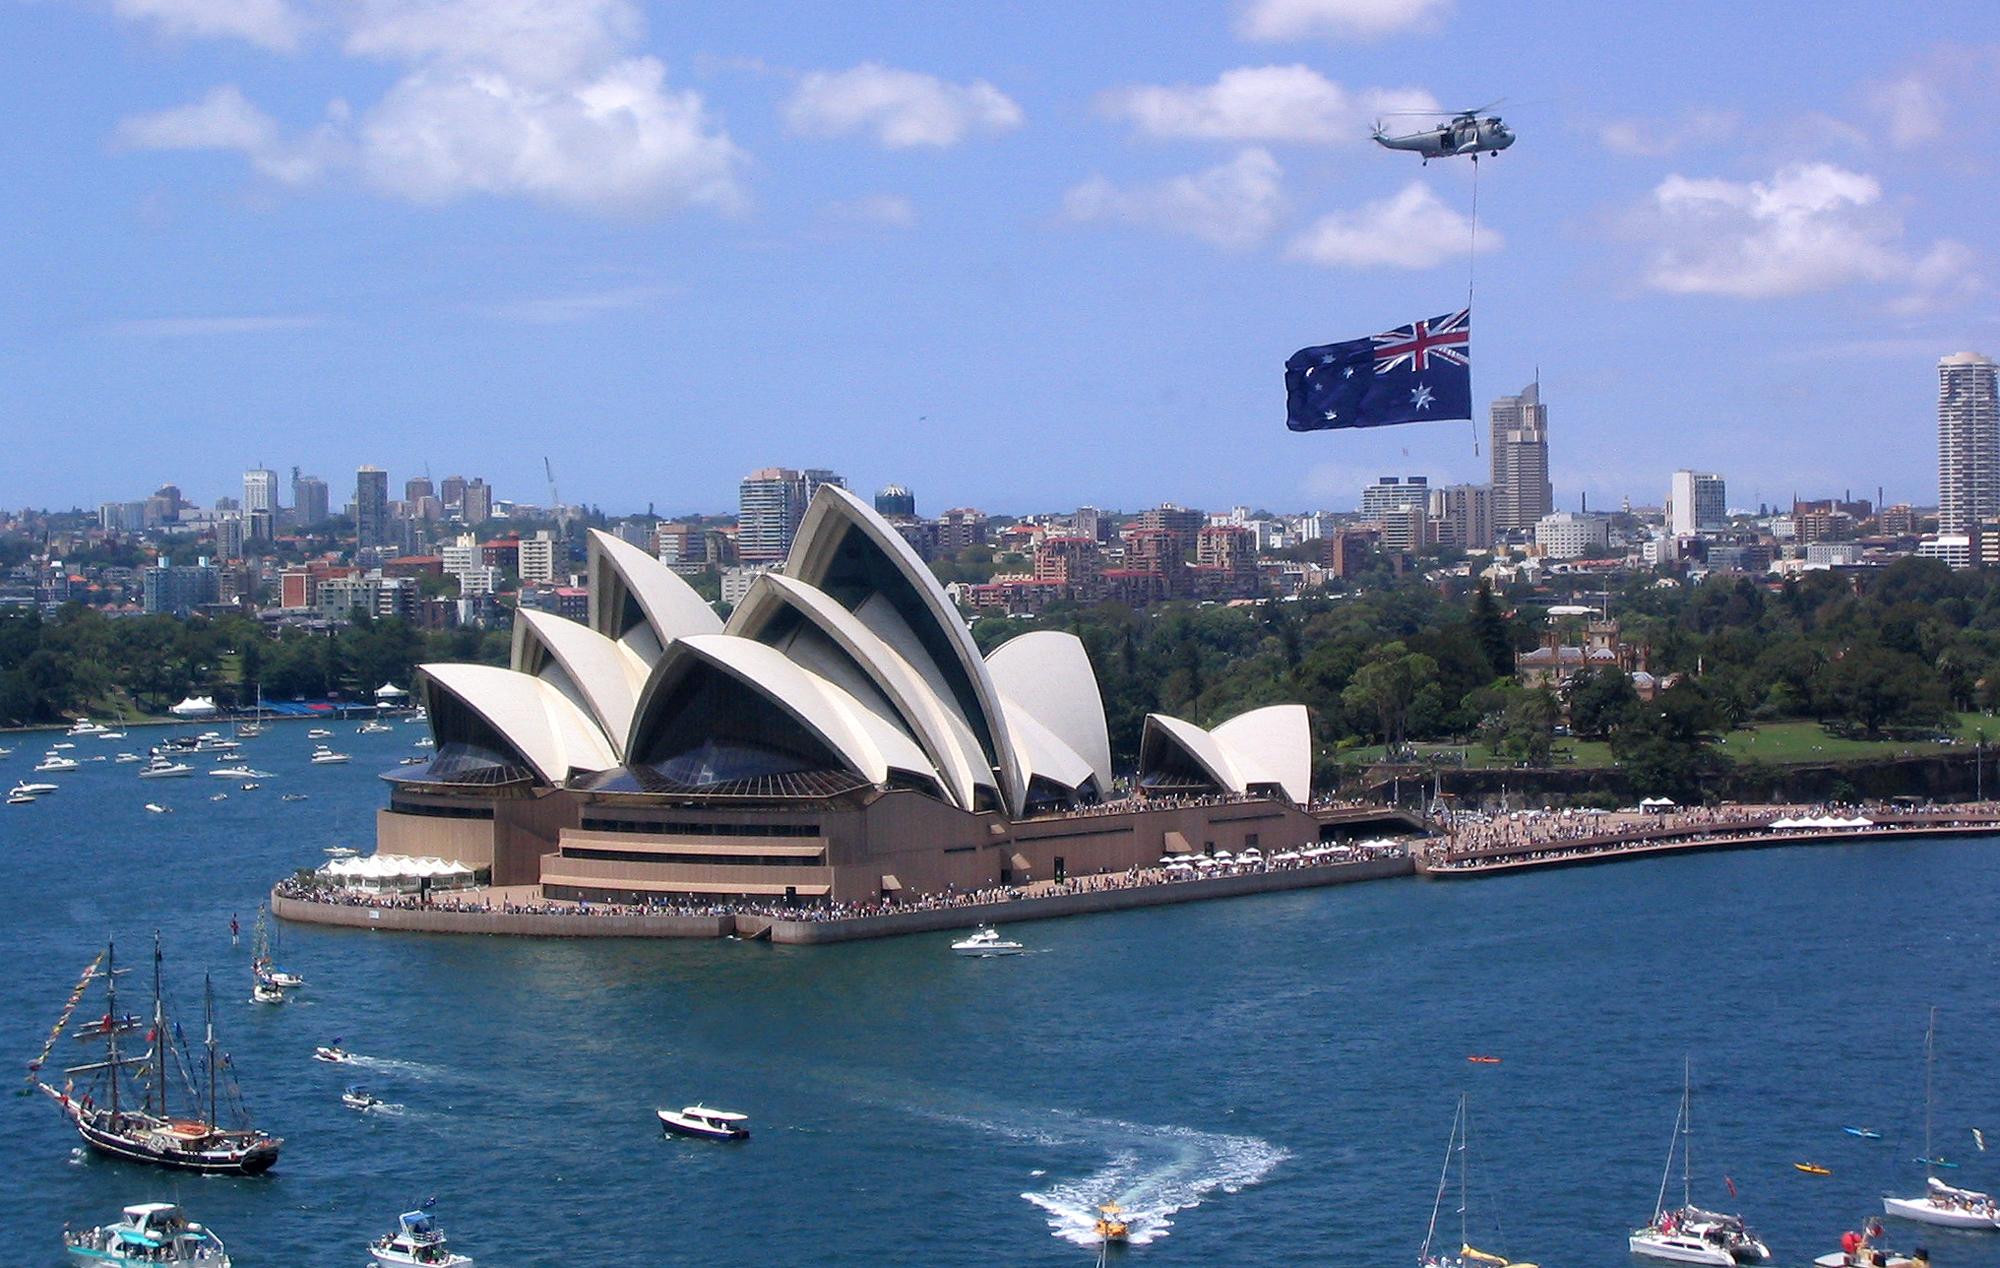 नेकपा ए-समाजवादीलाई अष्ट्रेलियाबाट  समर्थन (बिज्ञप्ति सहित)